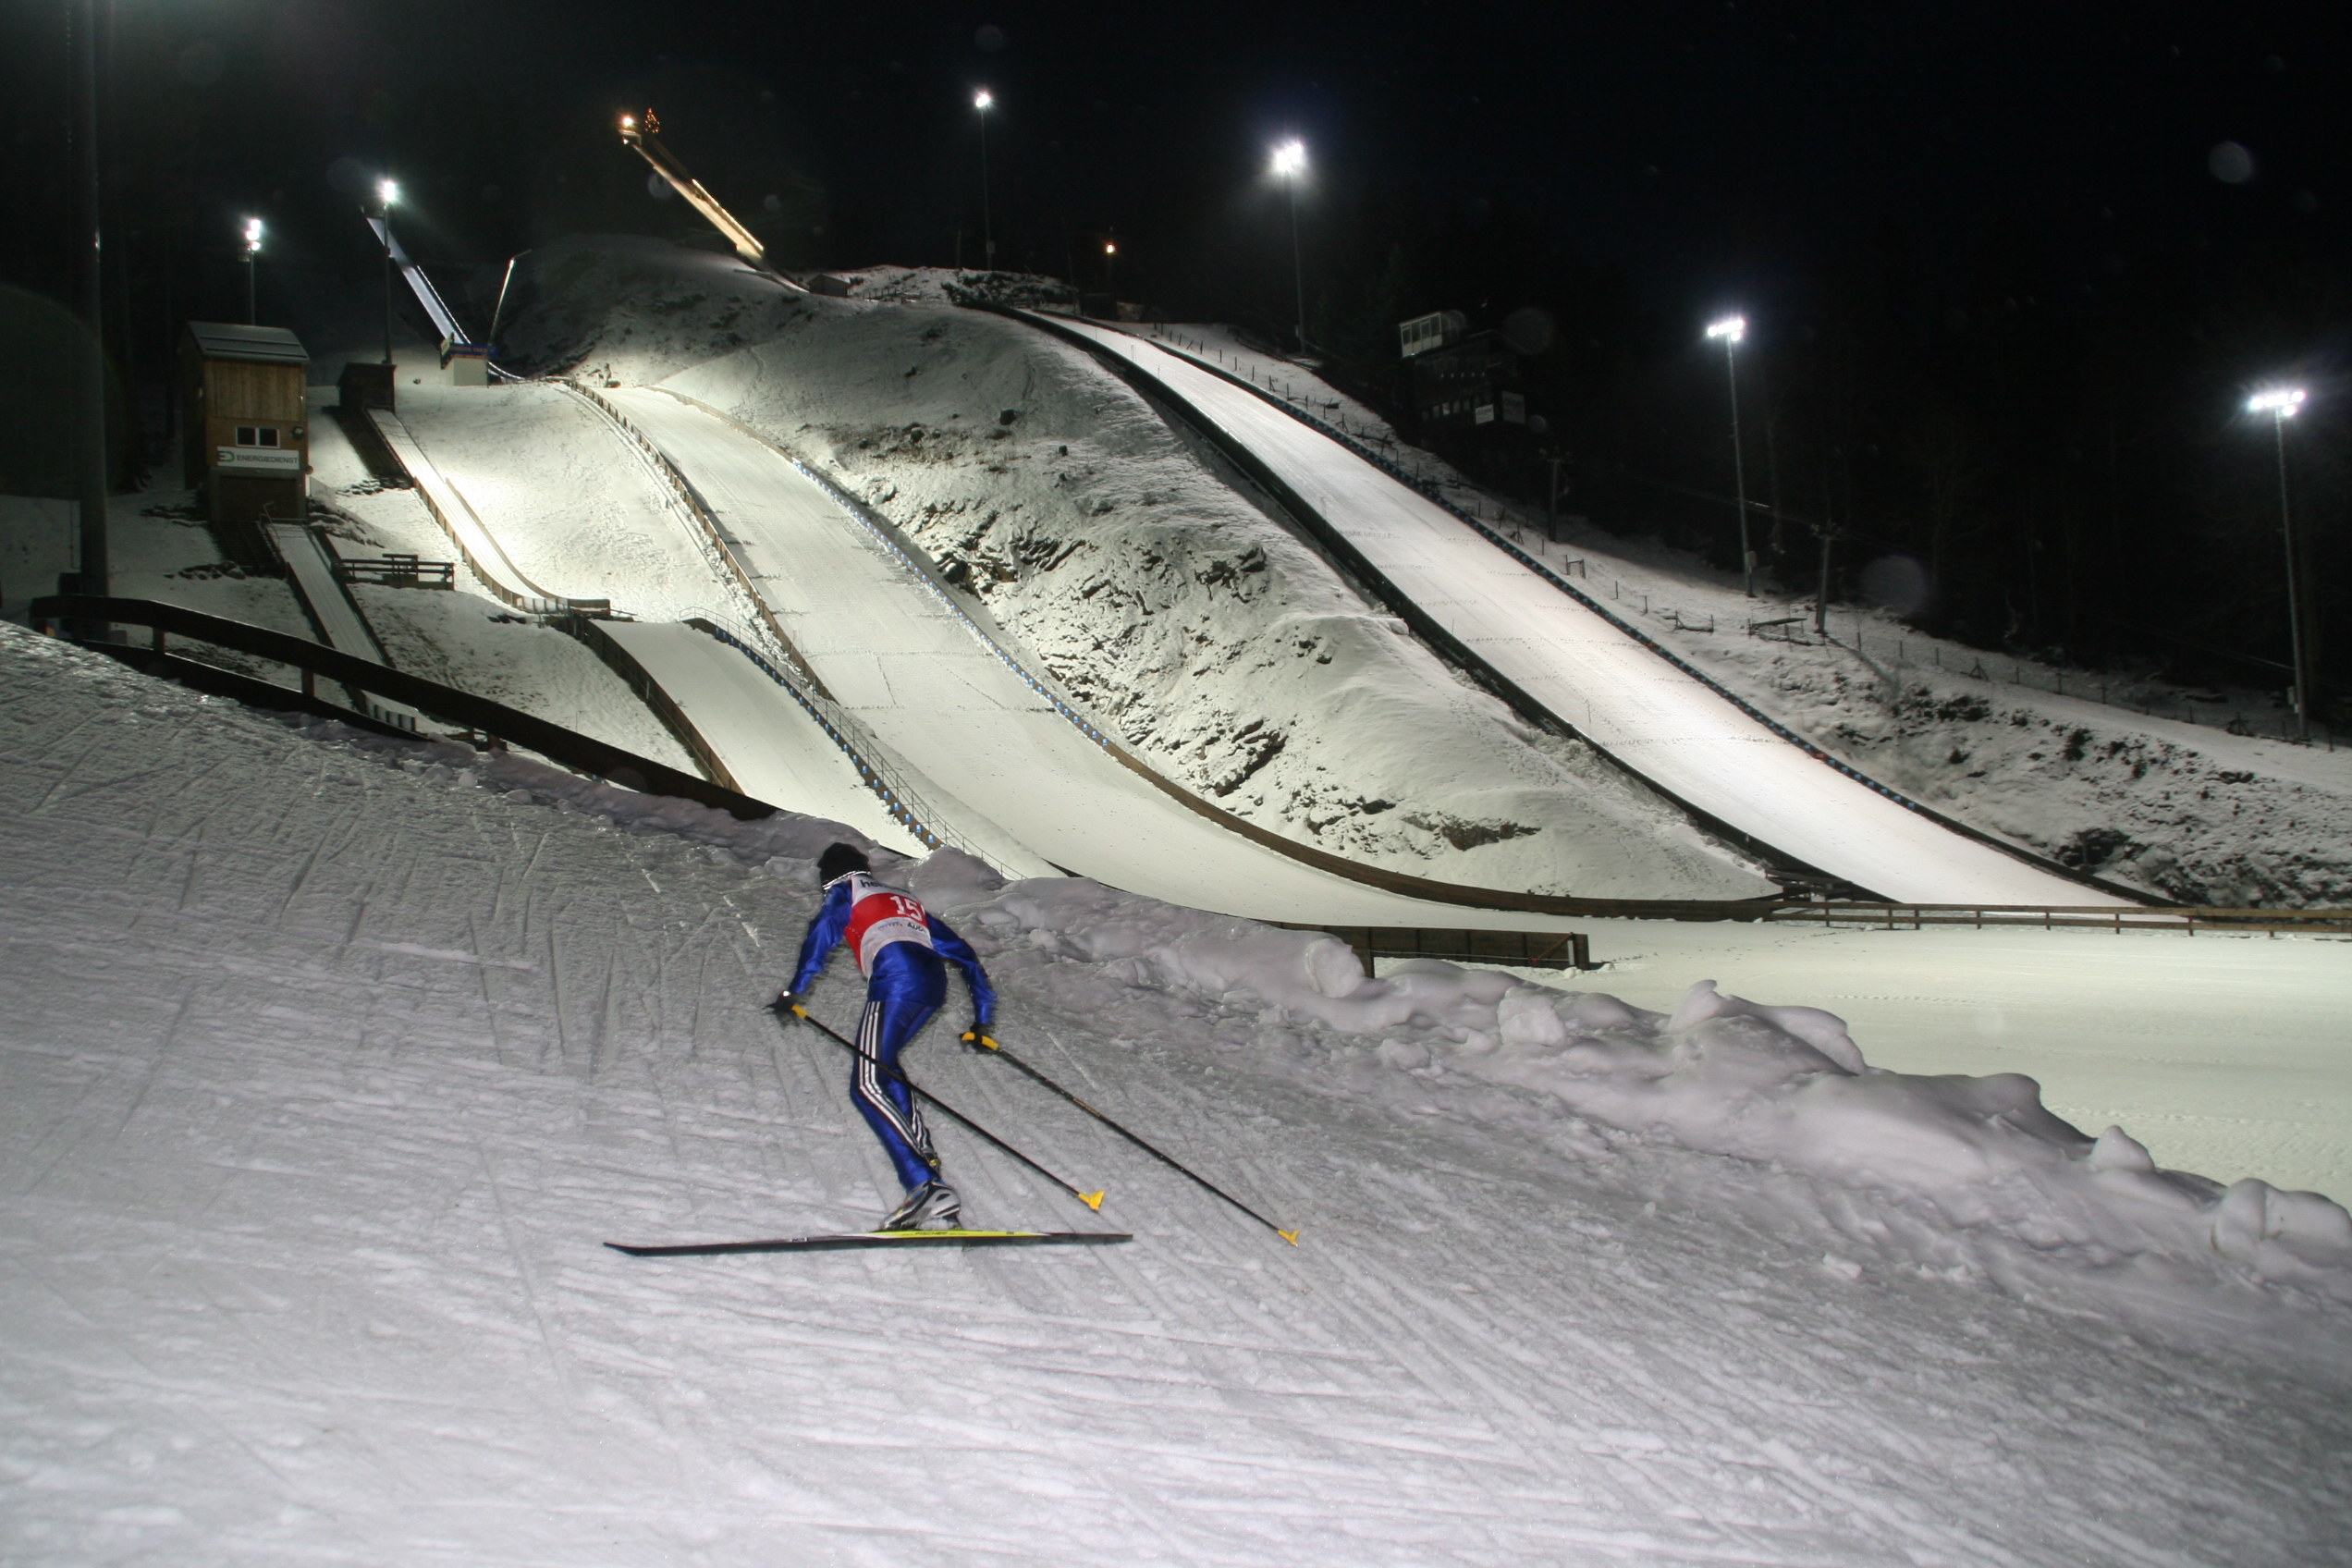 Skistadion Hinterzarten